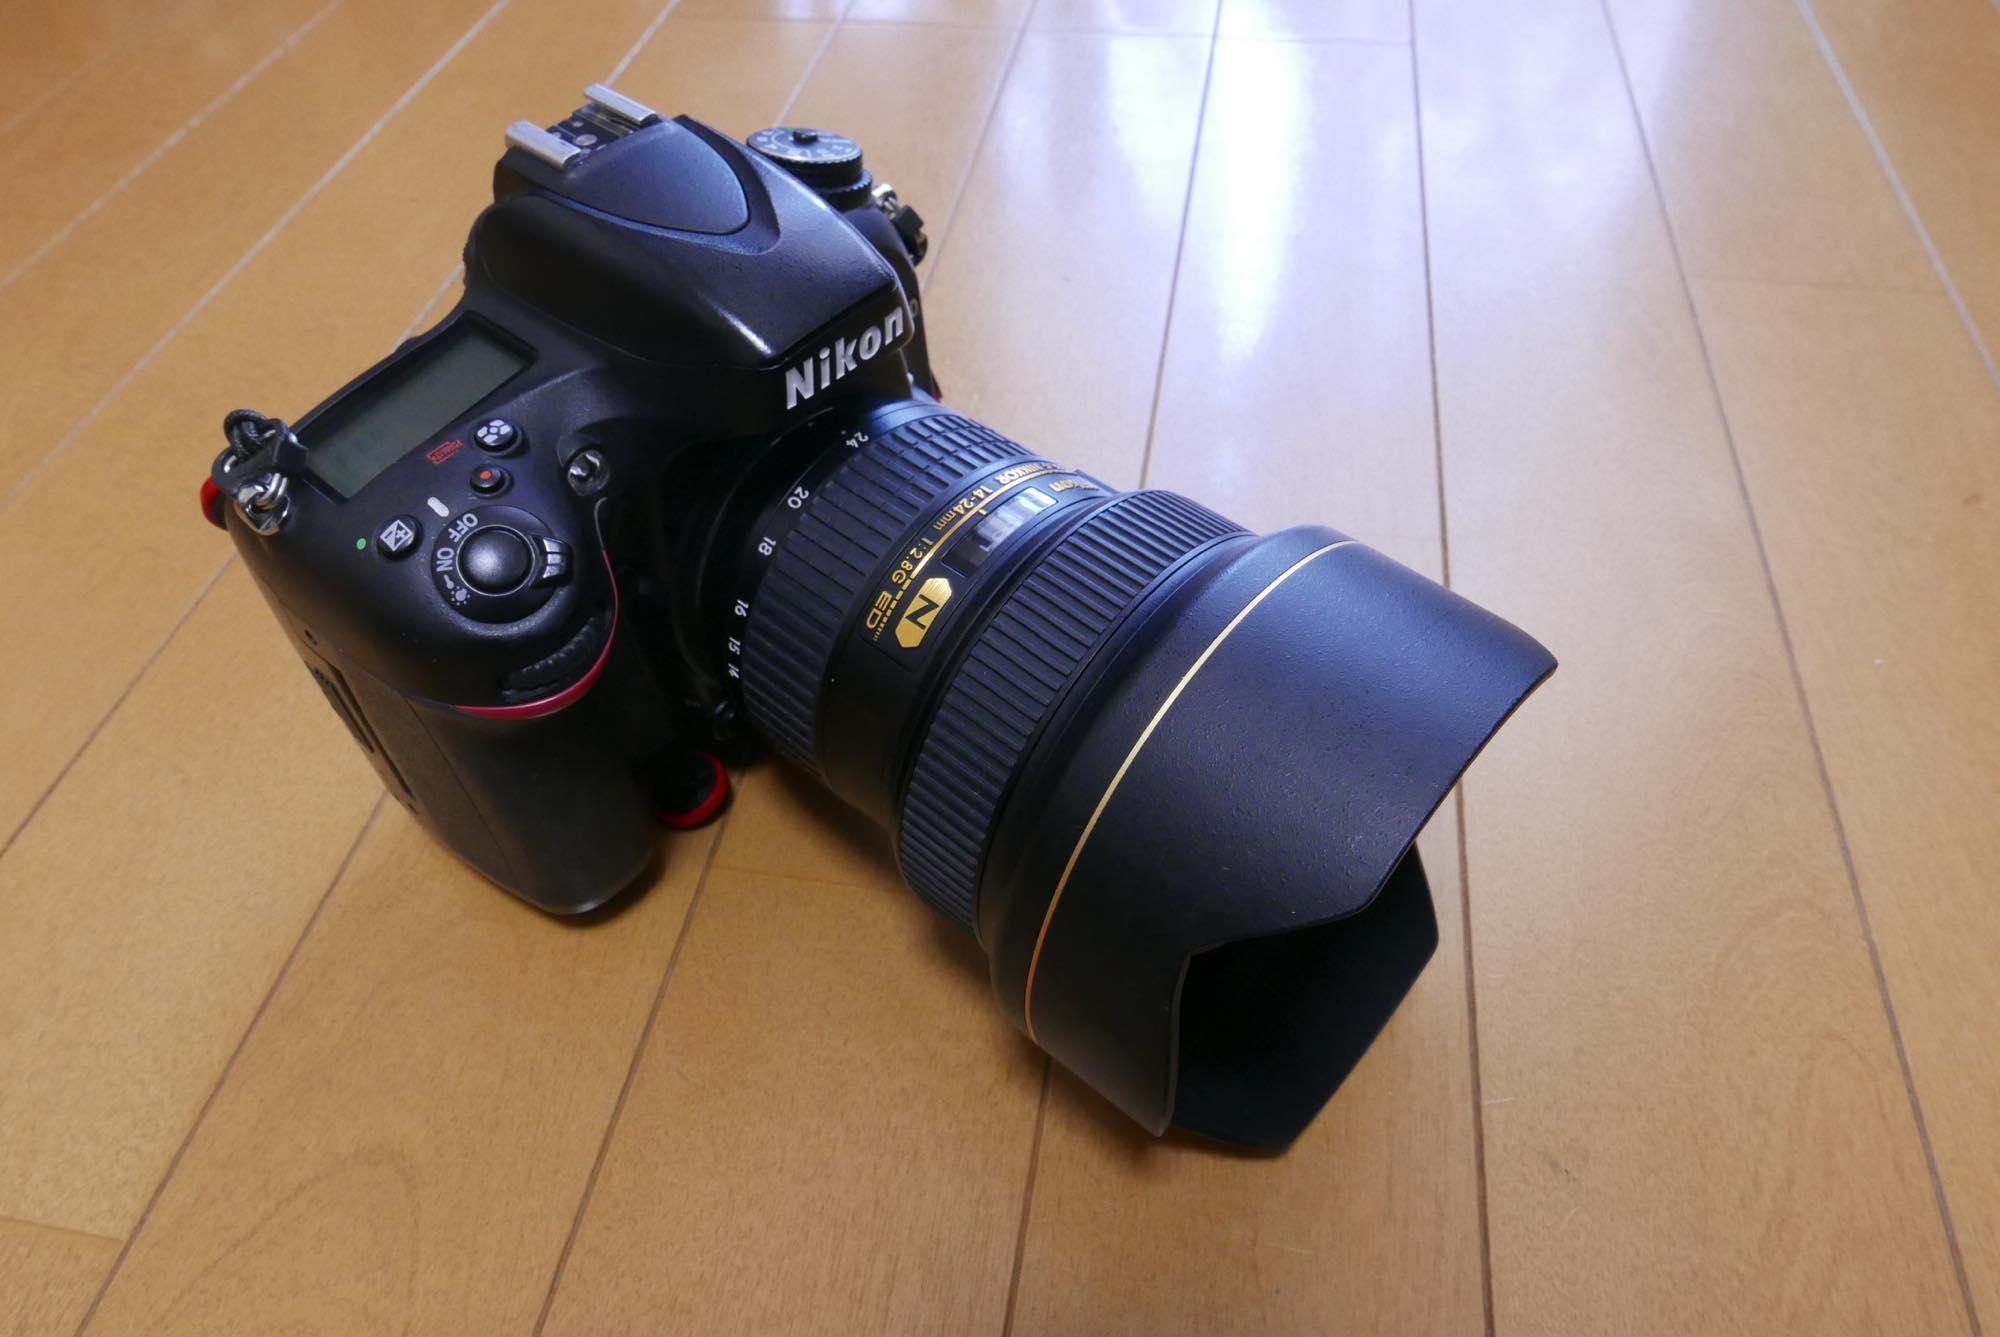 AF-S NIKKOR 24-70mm f/2.8G ED D610